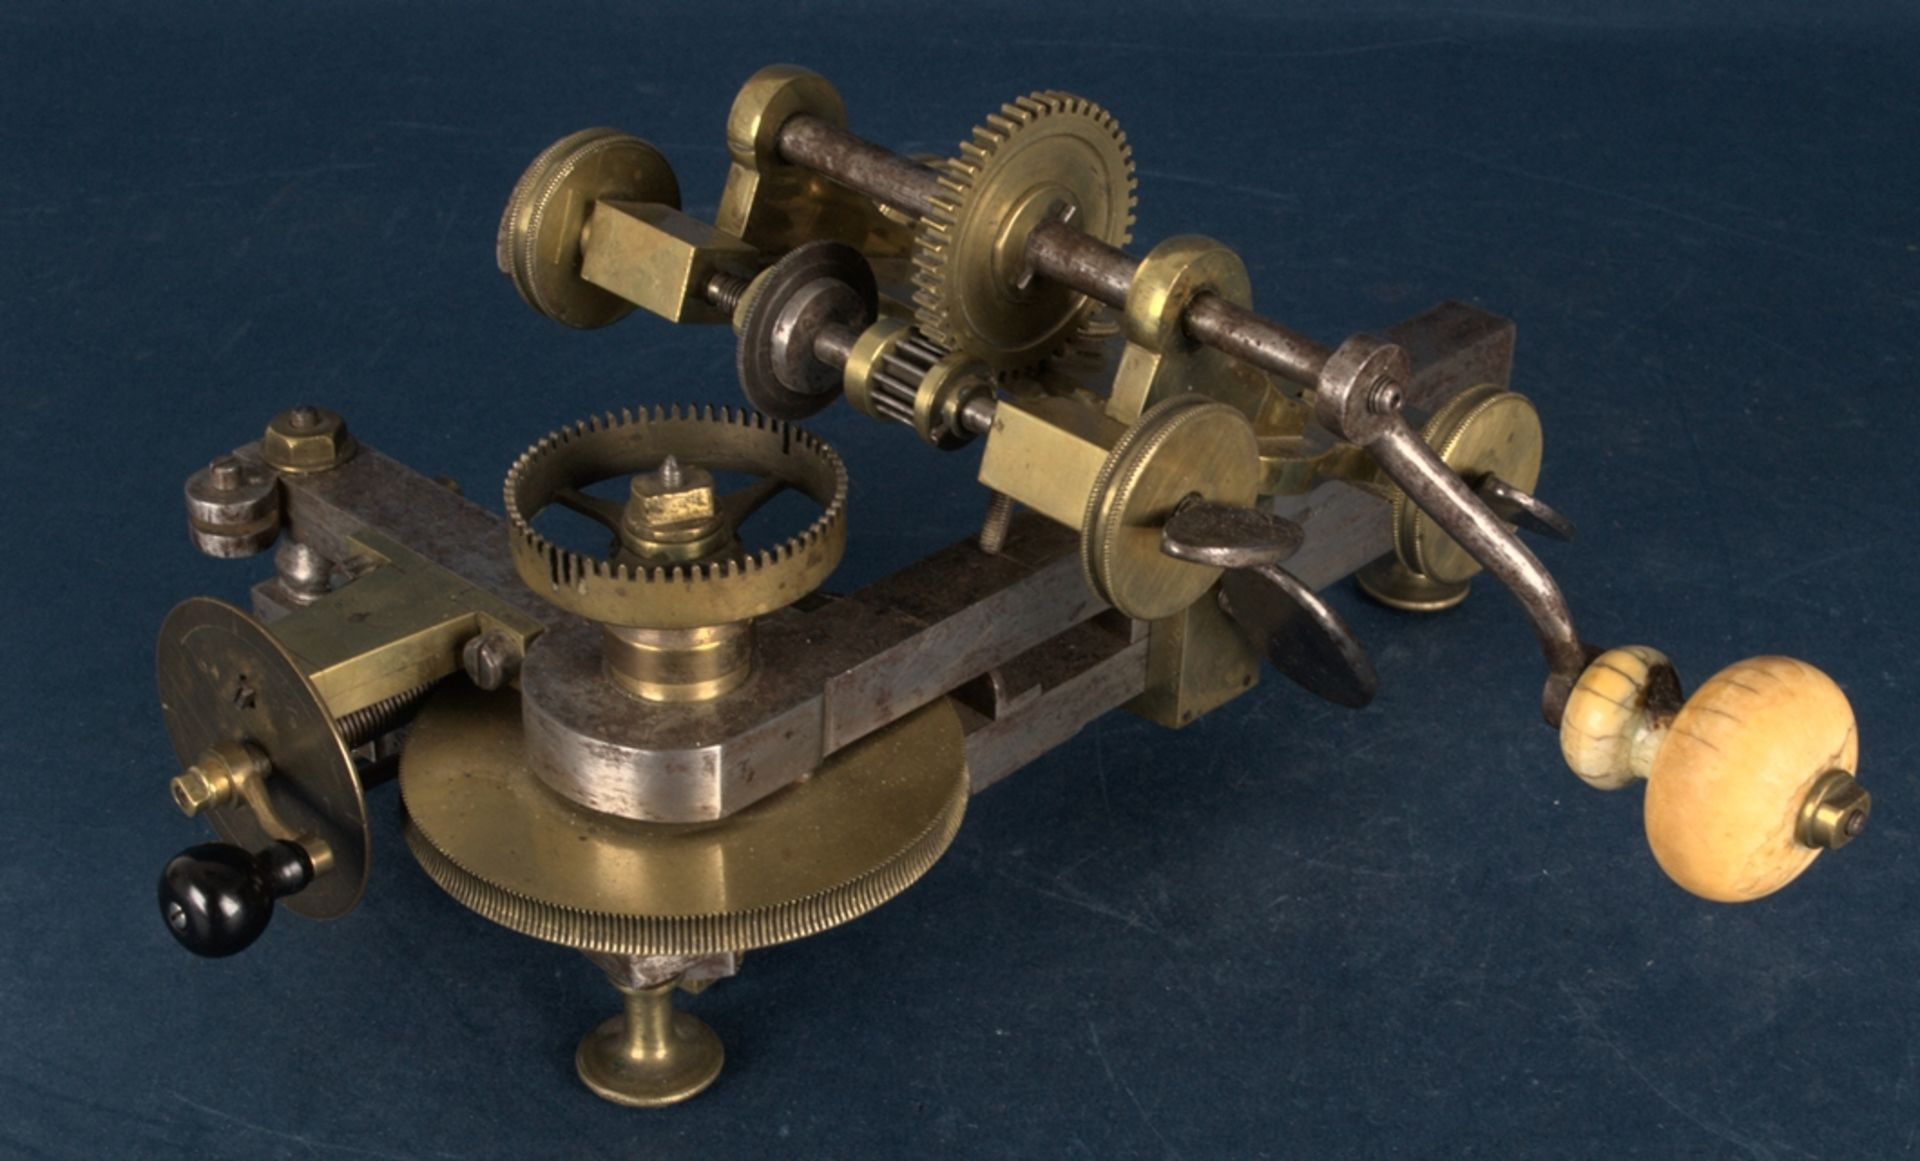 Zahnradfräsmaschine/Zahnräderschneidemaschine, frühes Uhrmacherwerkzeug, deutsch Mitte 18. Jhd., - Bild 26 aus 29